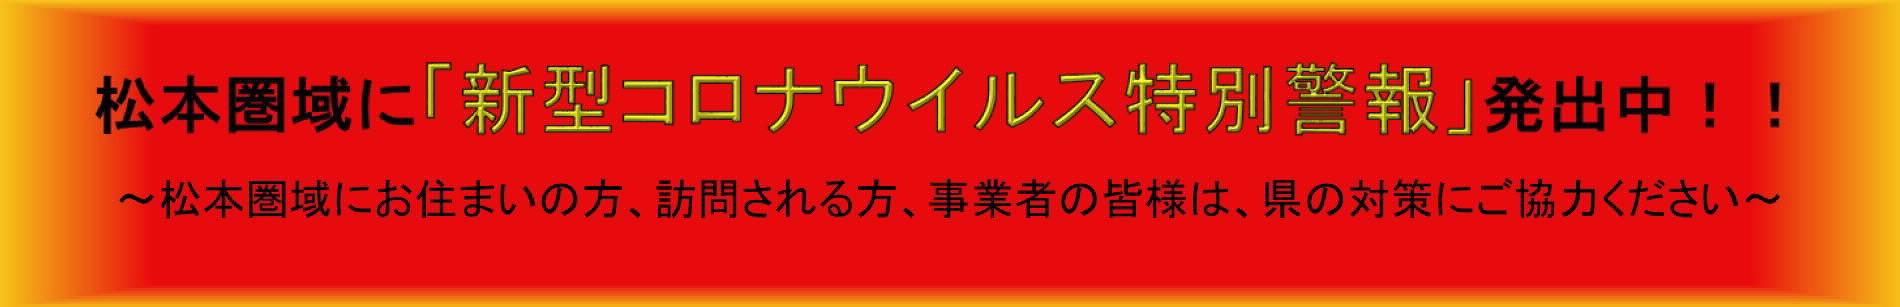 松本圏域に「新型コロナウイルス特別警報」発出中